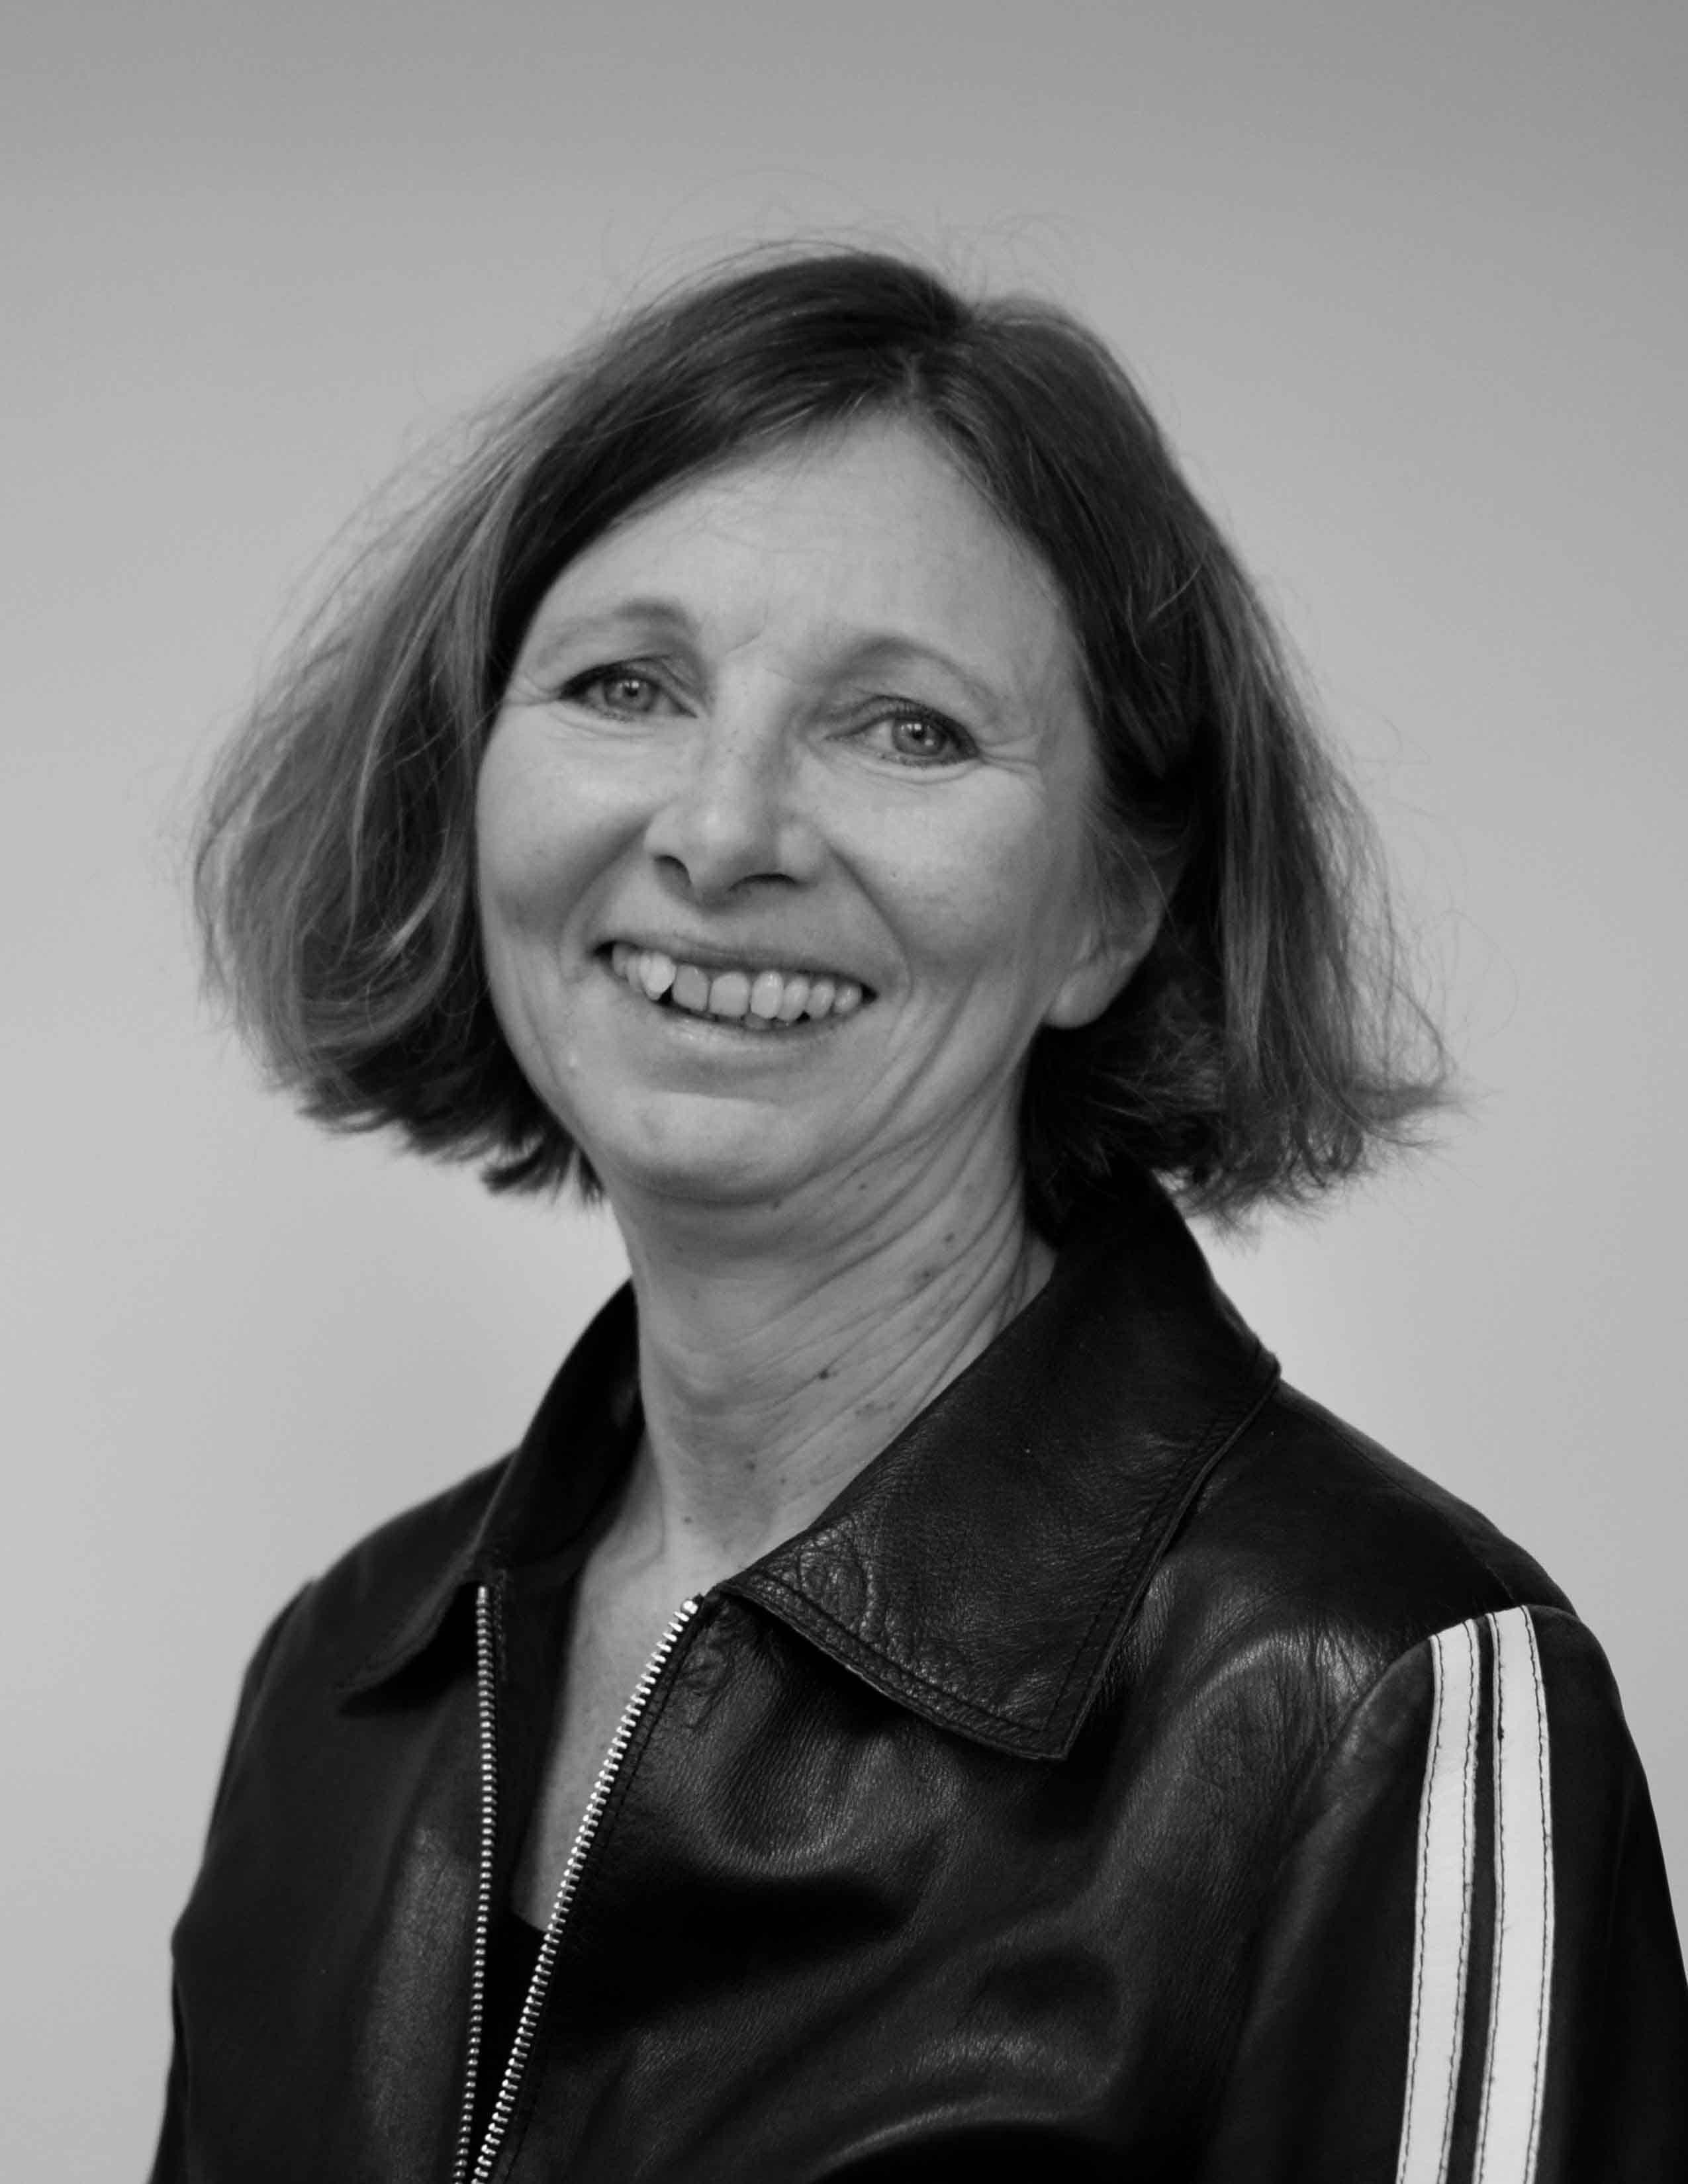 Marie Dahlgren